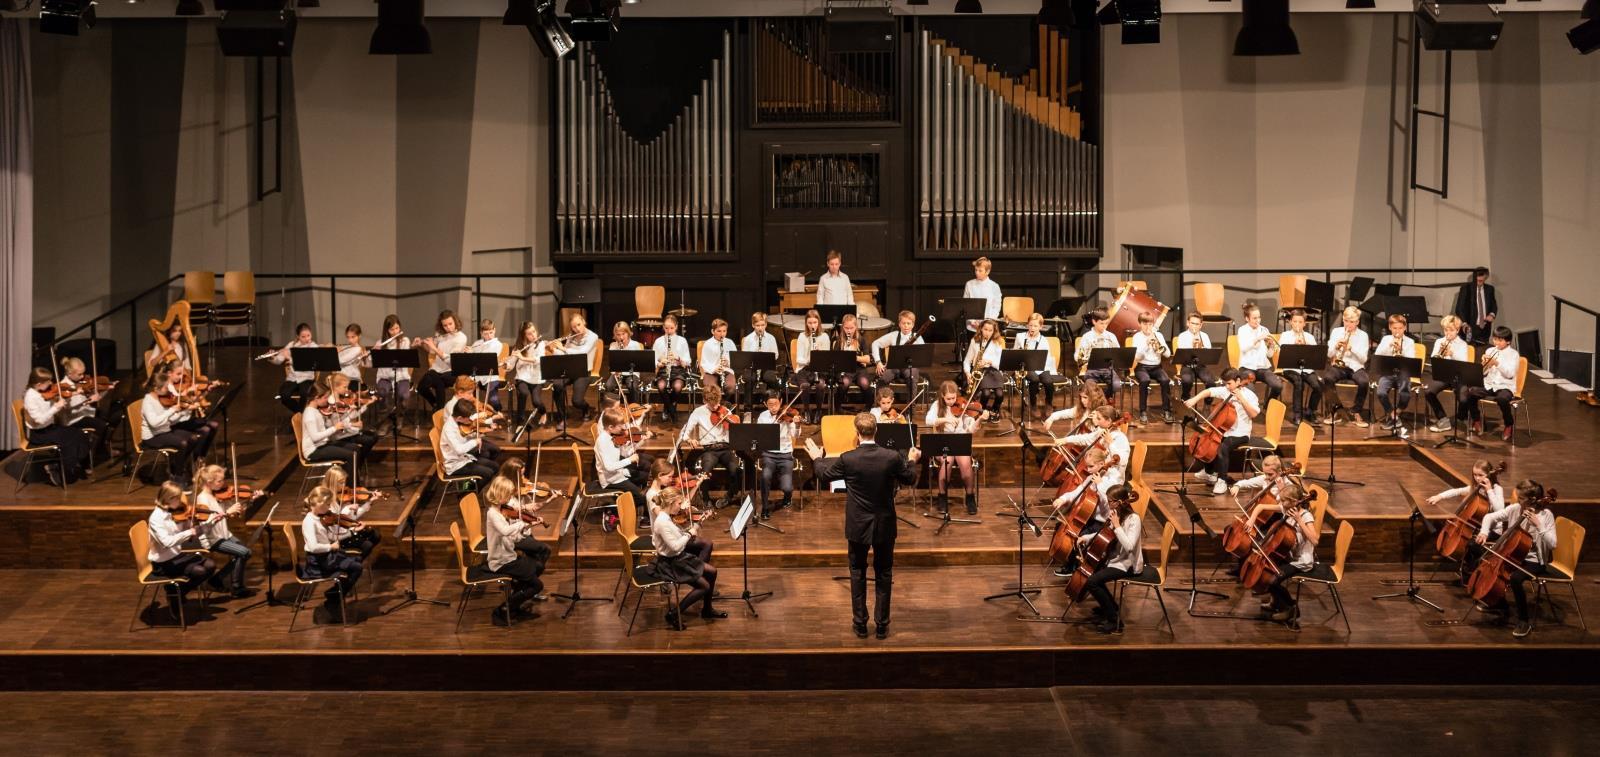 Das Kleine Orchester unter der Leitung von Herrn Stücher